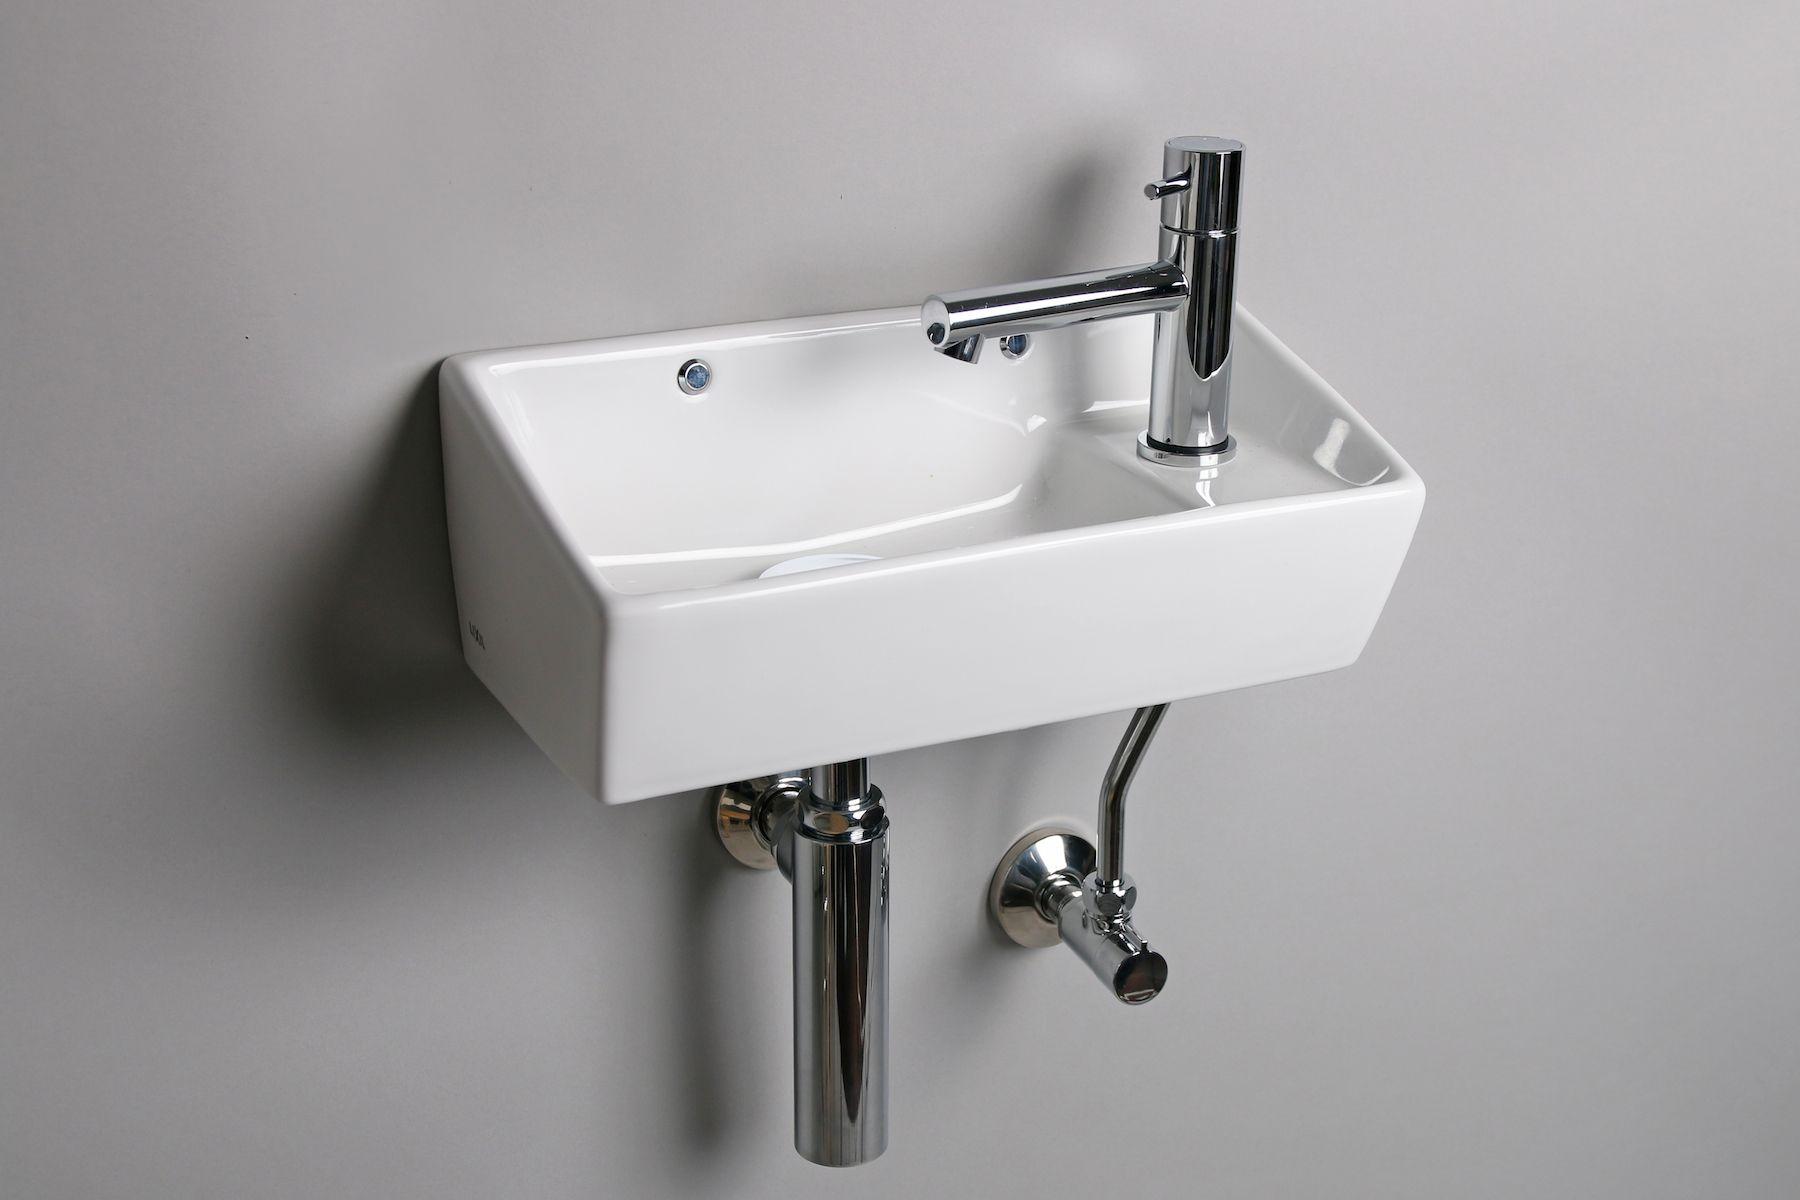 コンパクト手洗い器は 広さが確保しにくいトイレにうれしいコンパクト